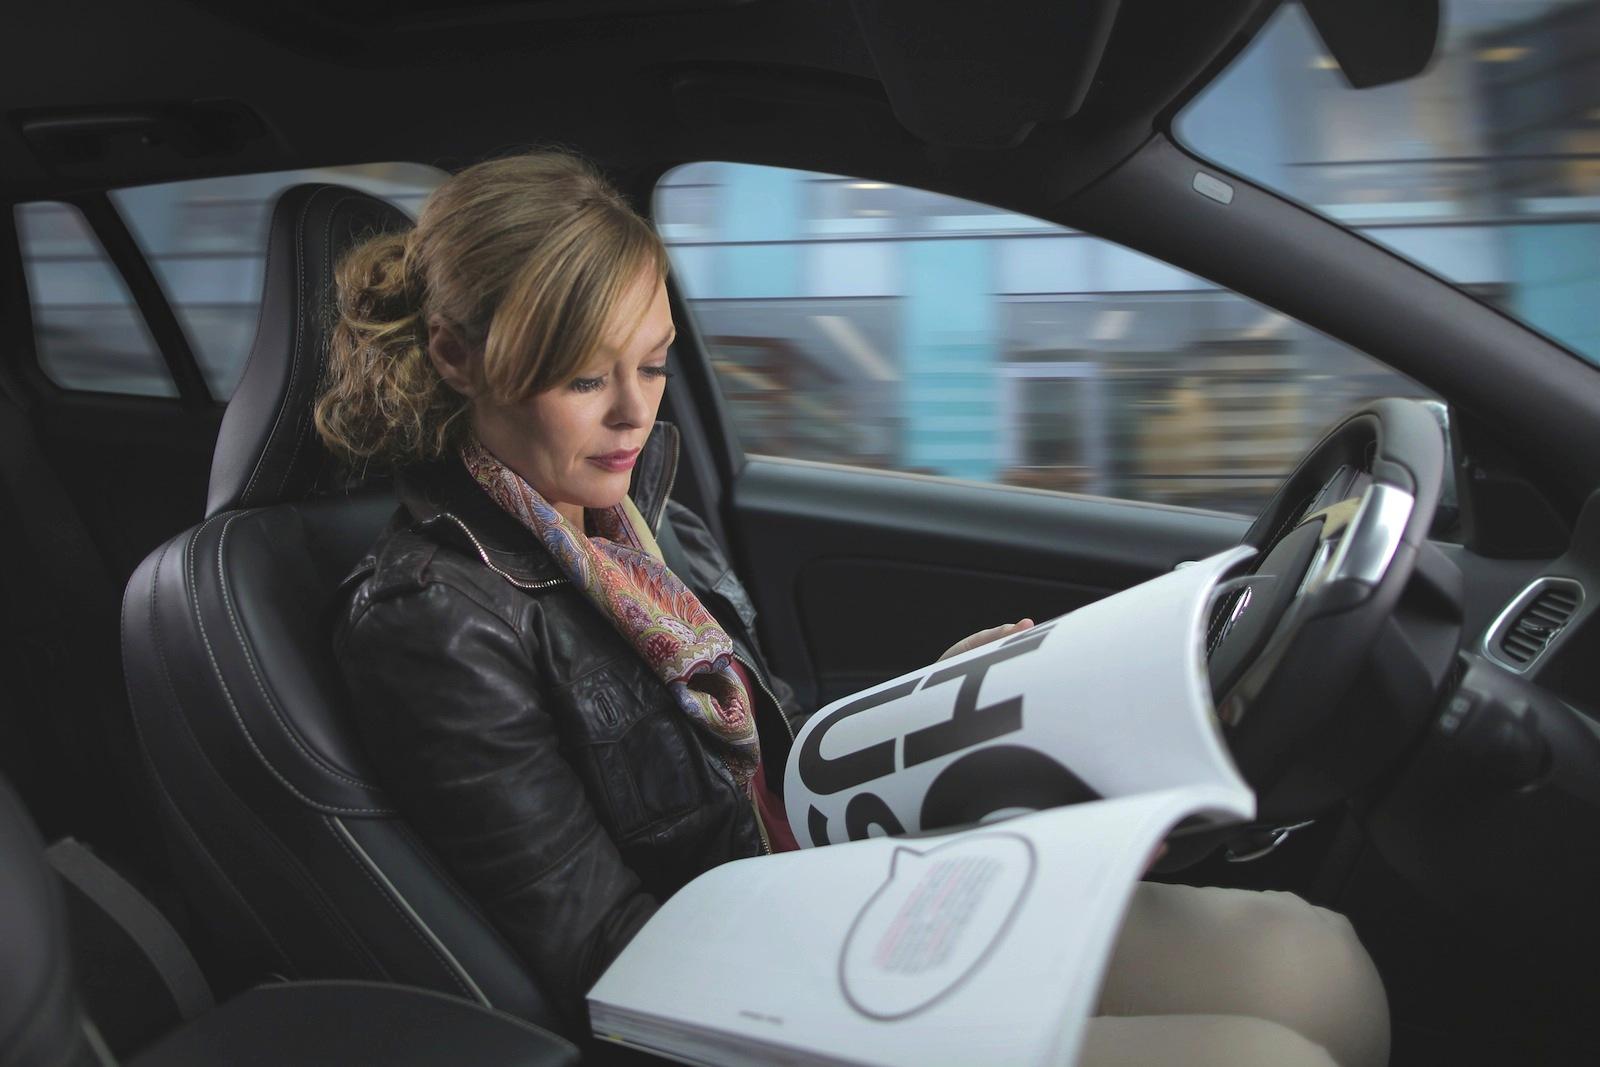 volvo-autonomous-driving-pilot-project-3-a